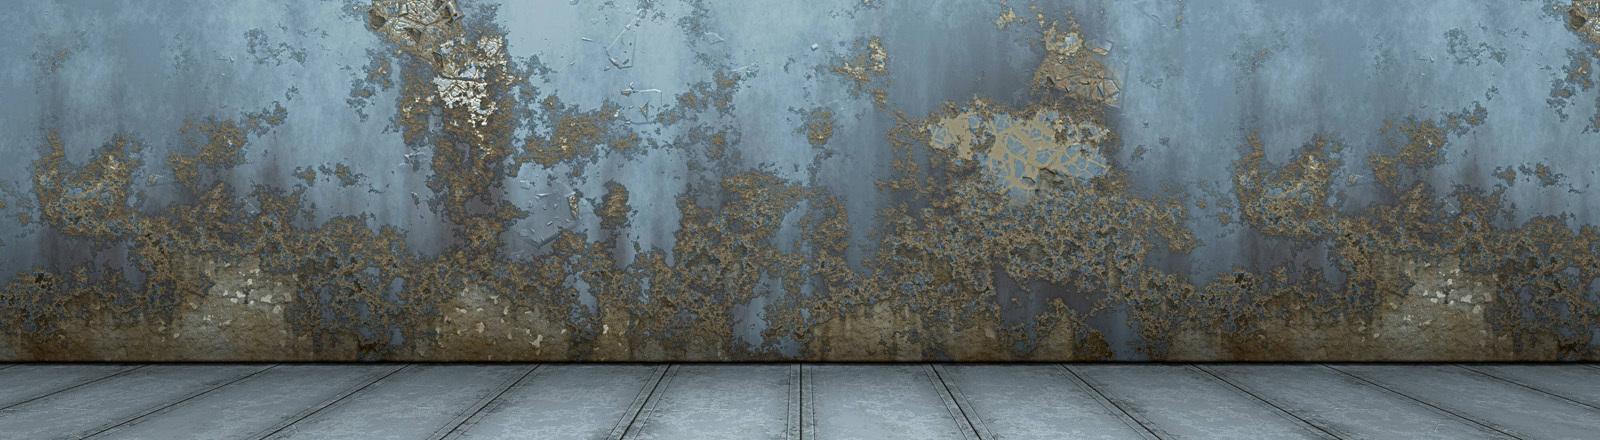 Eine Wand mit Schimmelflecken